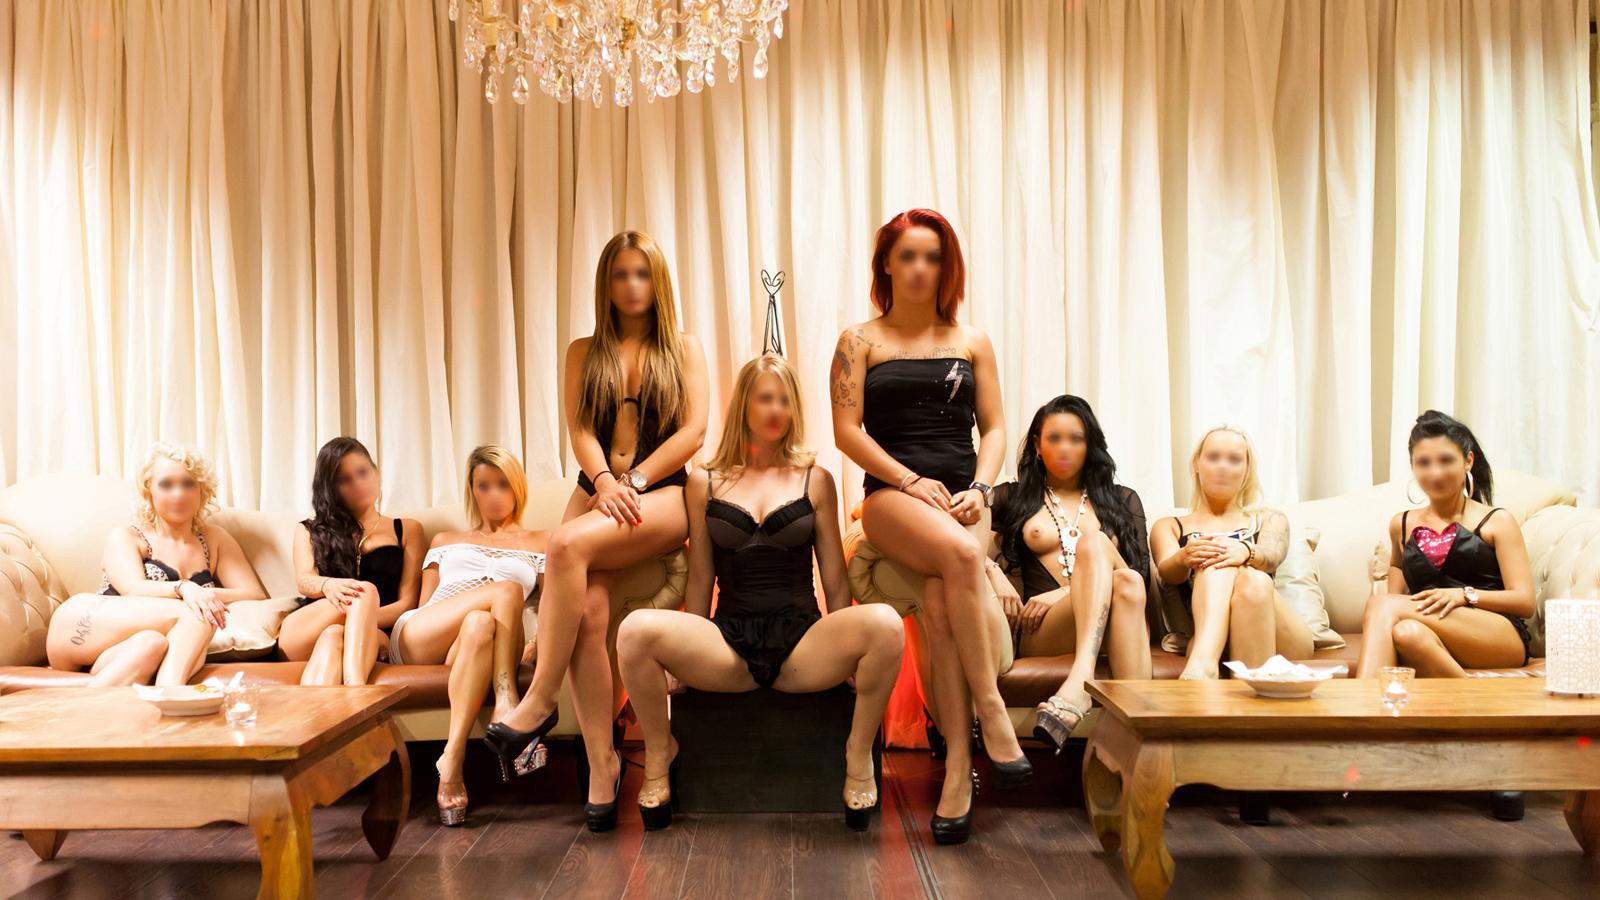 Fkk Sex Club